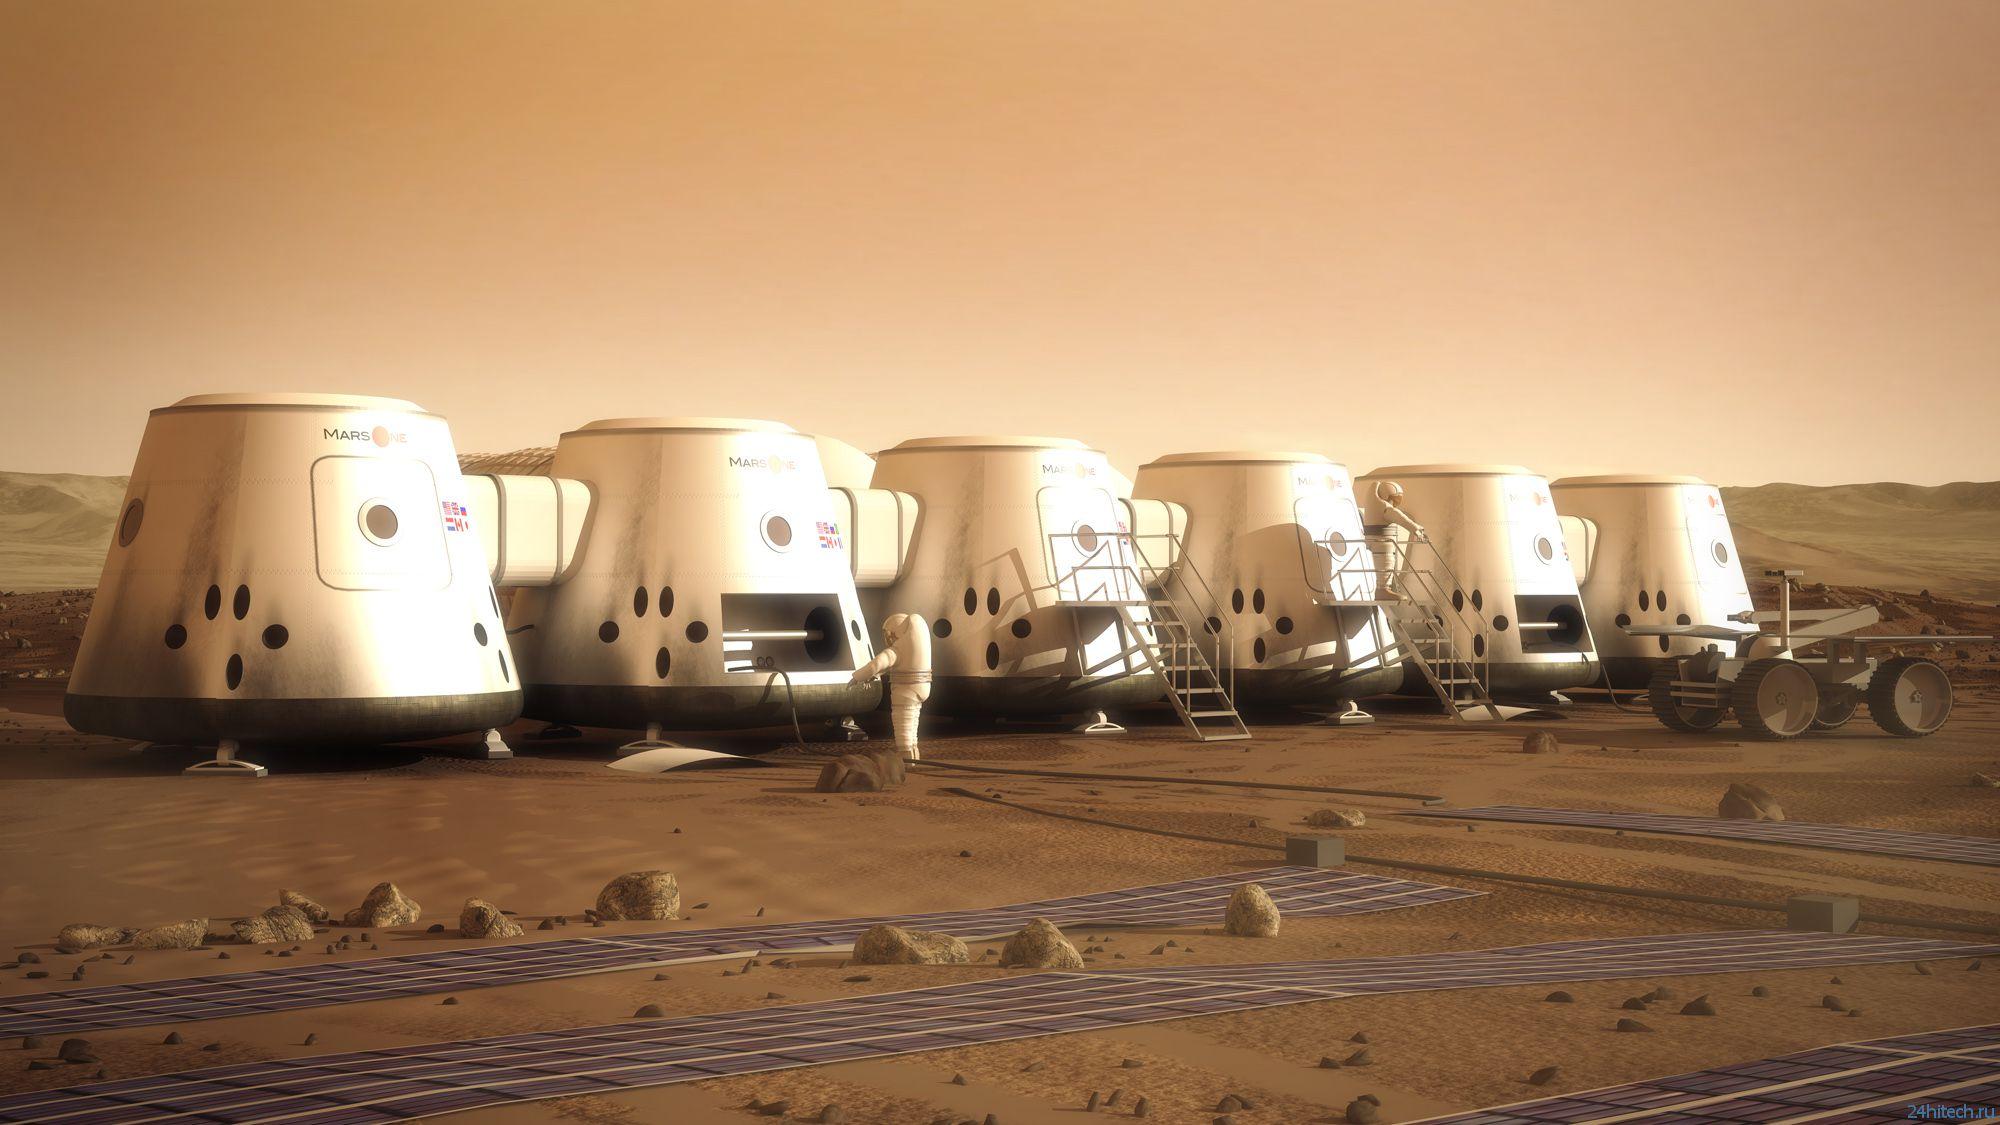 Прием заявок на участие в колонизации Марса идет полным ходом